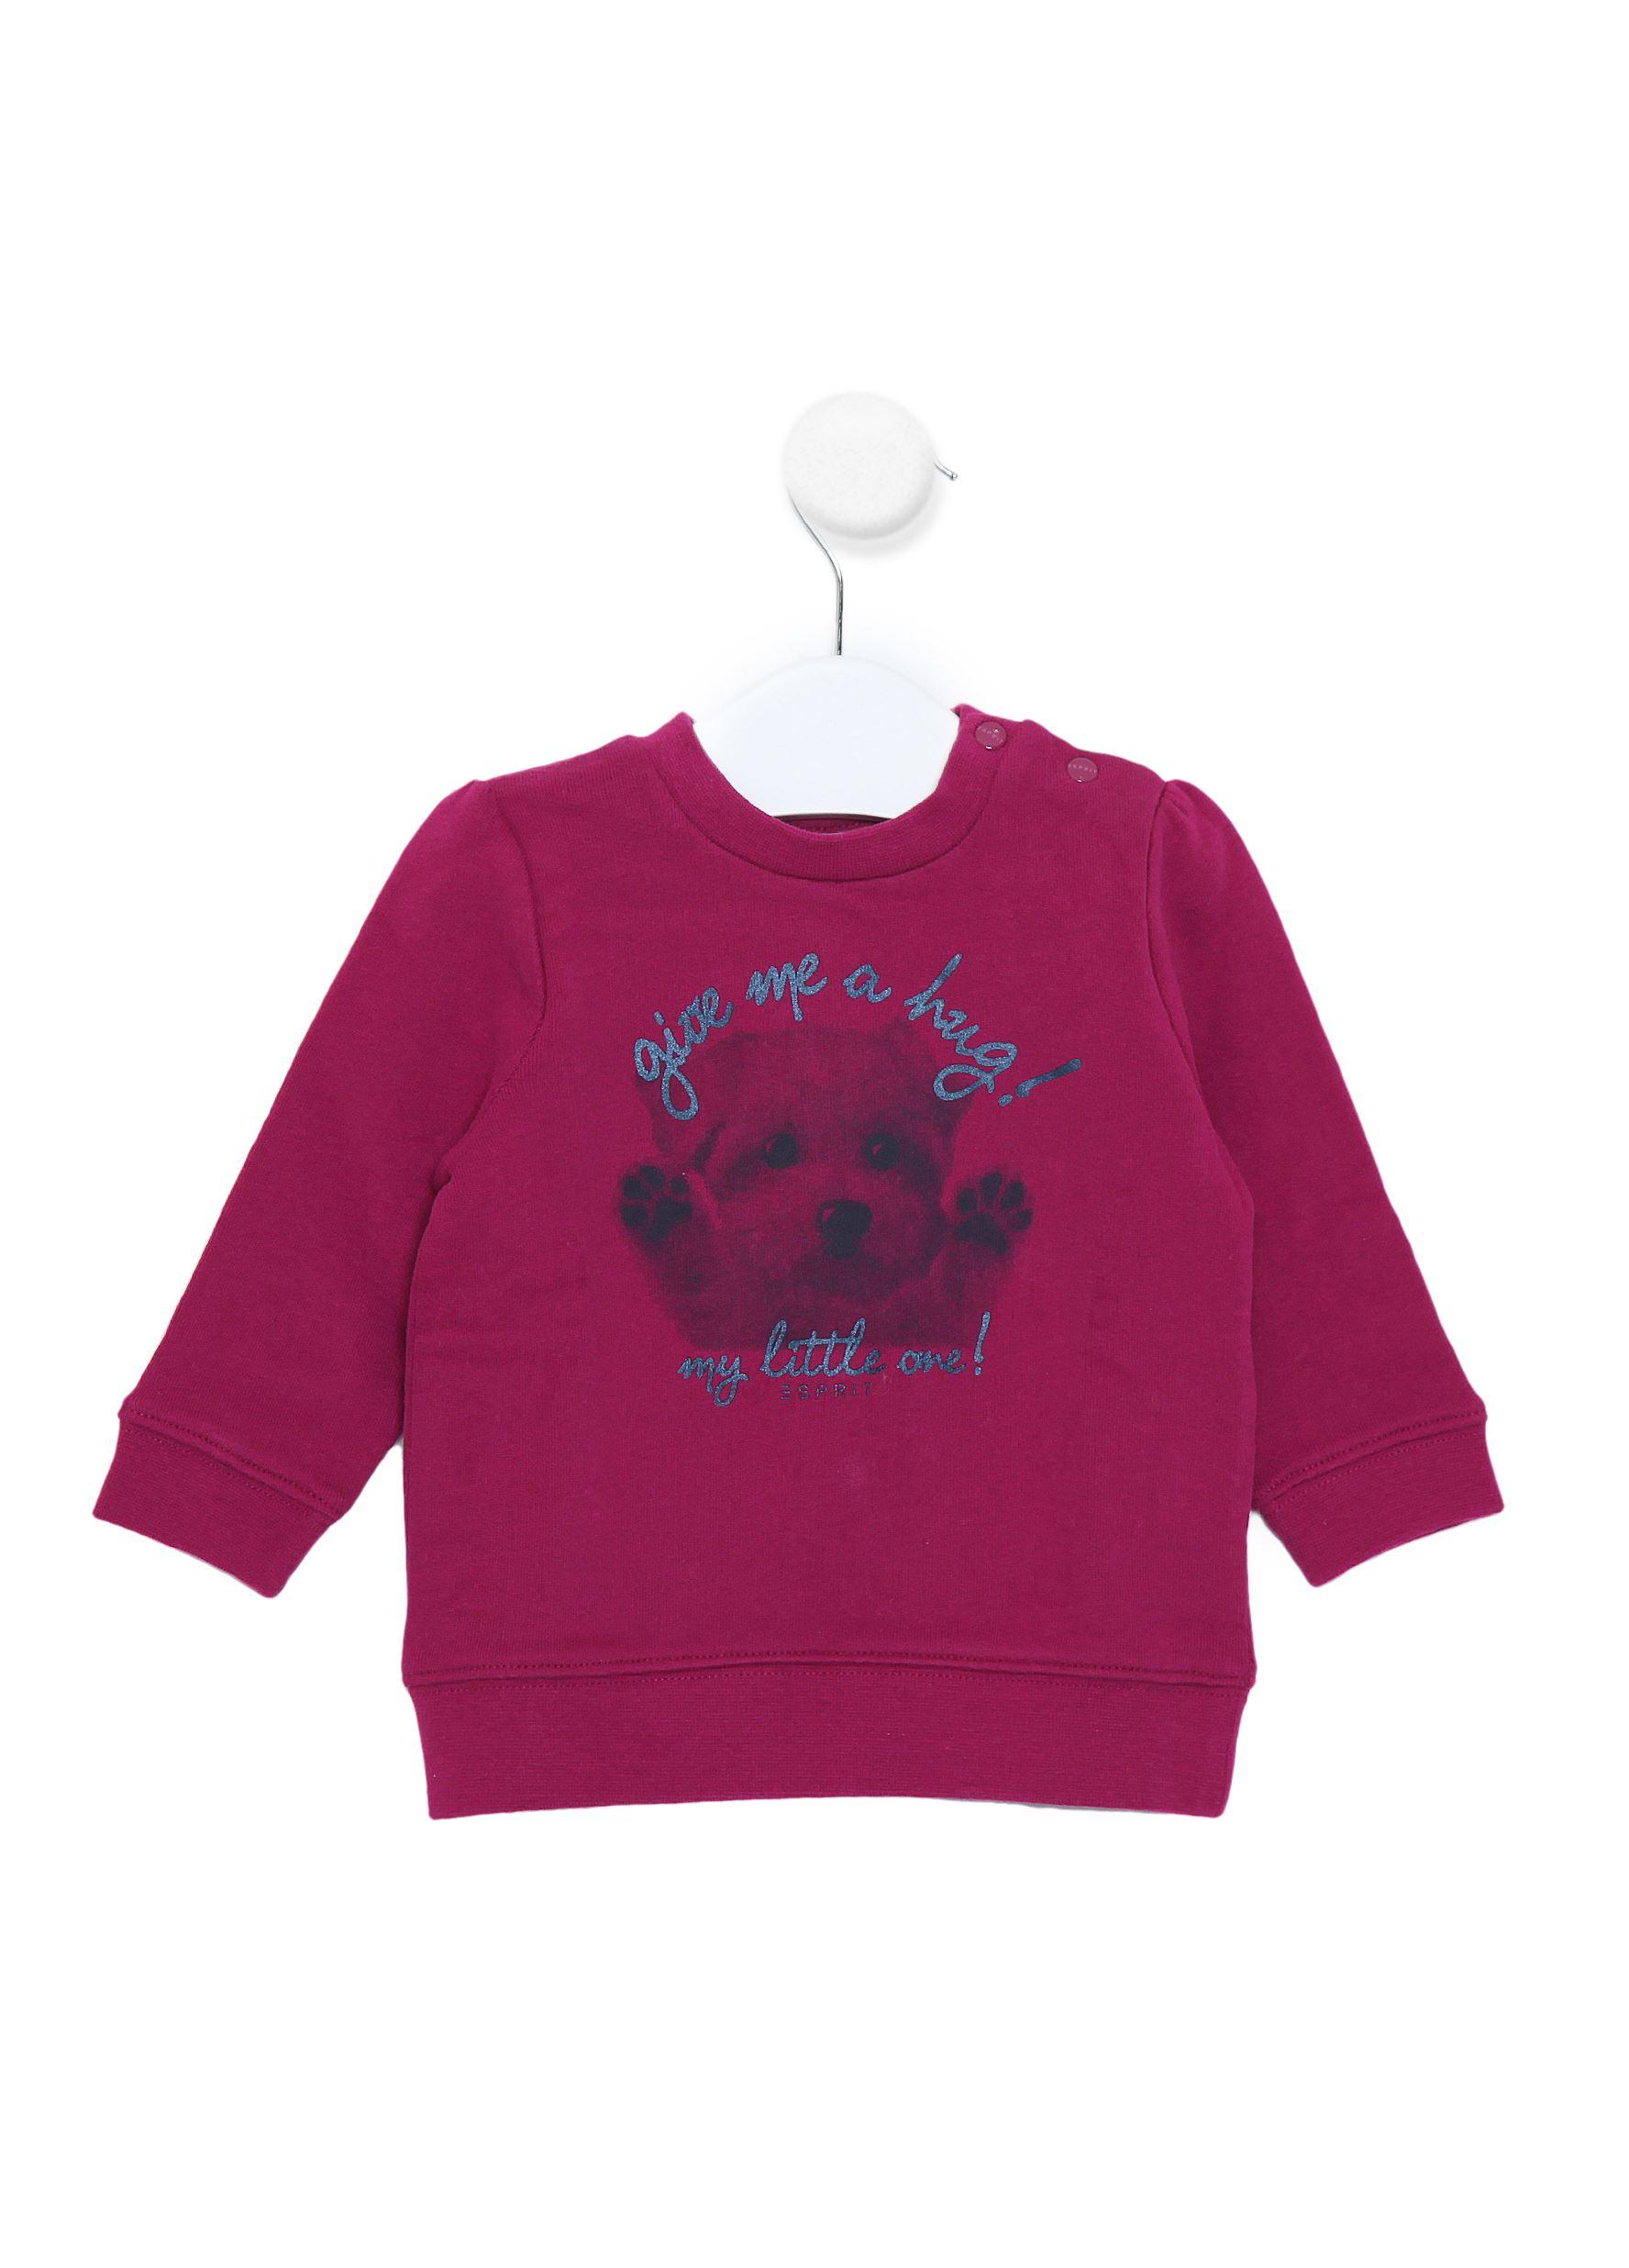 Esprit Kids - Παιδική Μπλούζα ESPRIT